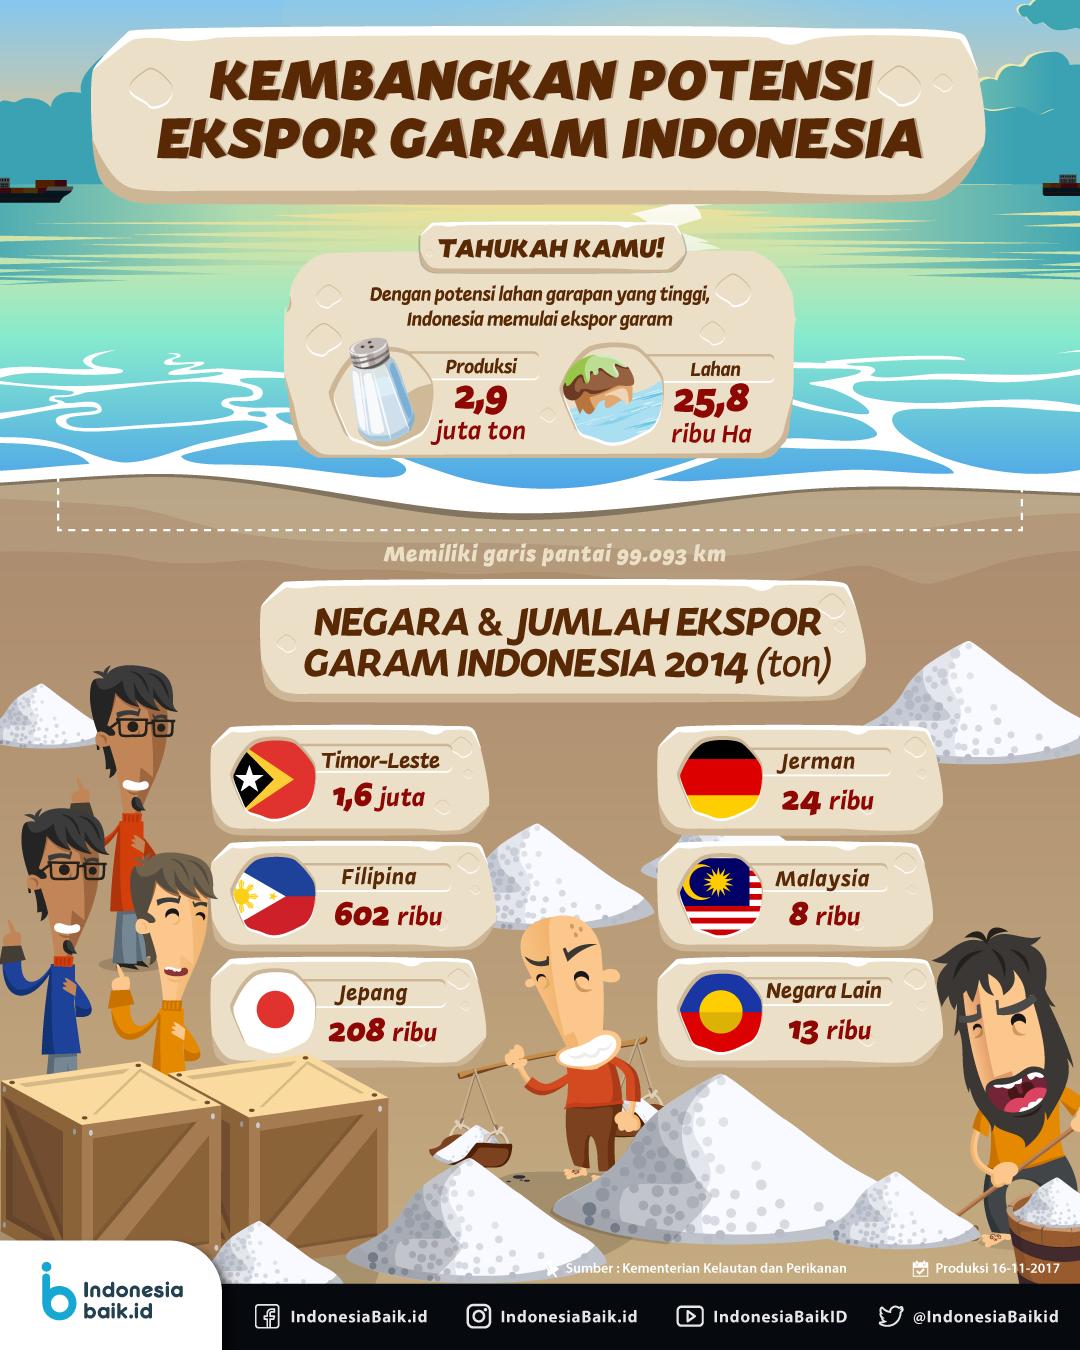 Kembangkan Potensi Ekspor Garam Indonesia